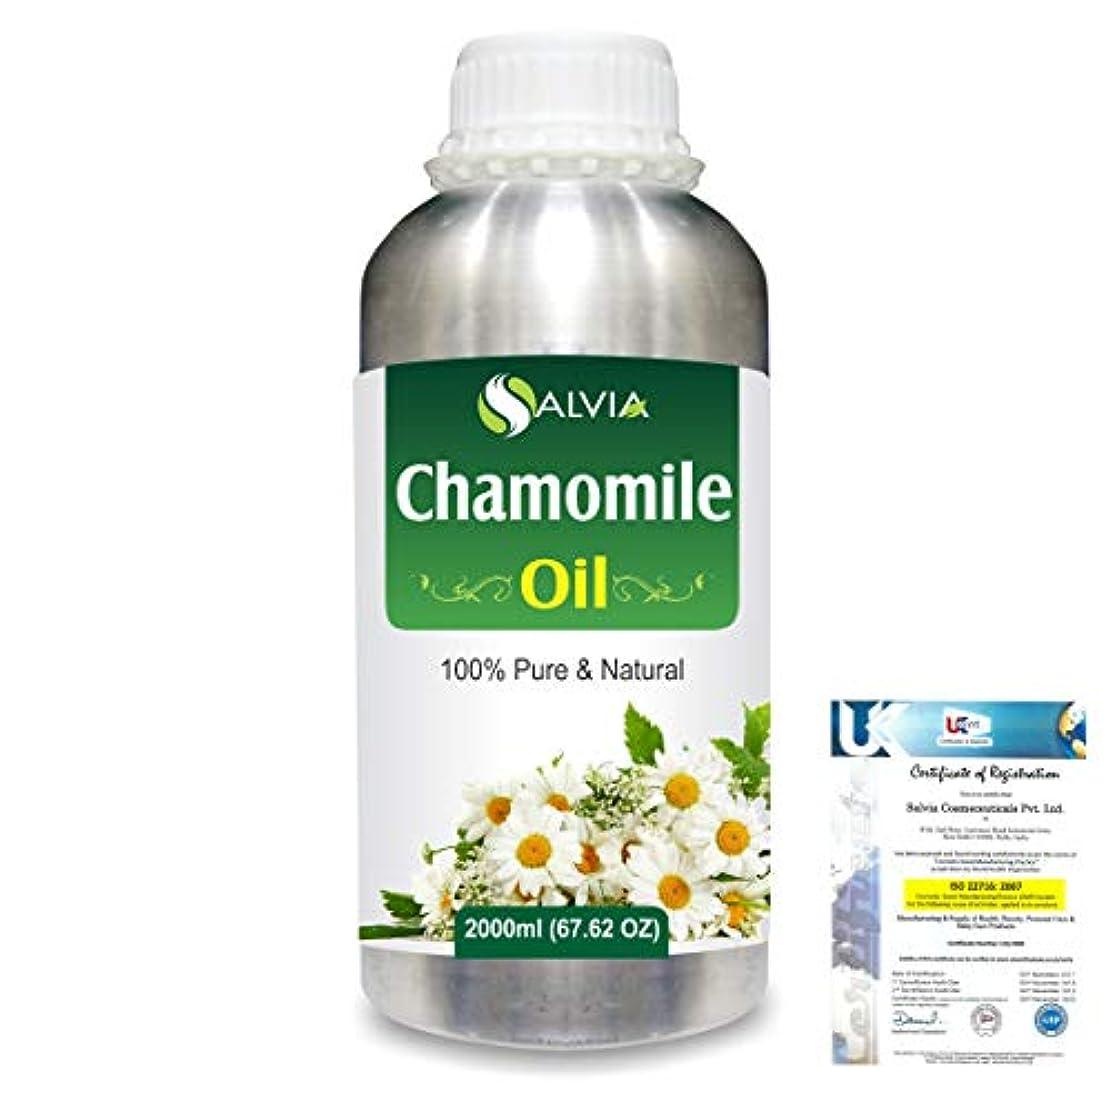 申し込む論理的にたっぷりChamomile (Matricaria chamomile) 100% Natural Pure Essential Oil 2000ml/67 fl.oz.